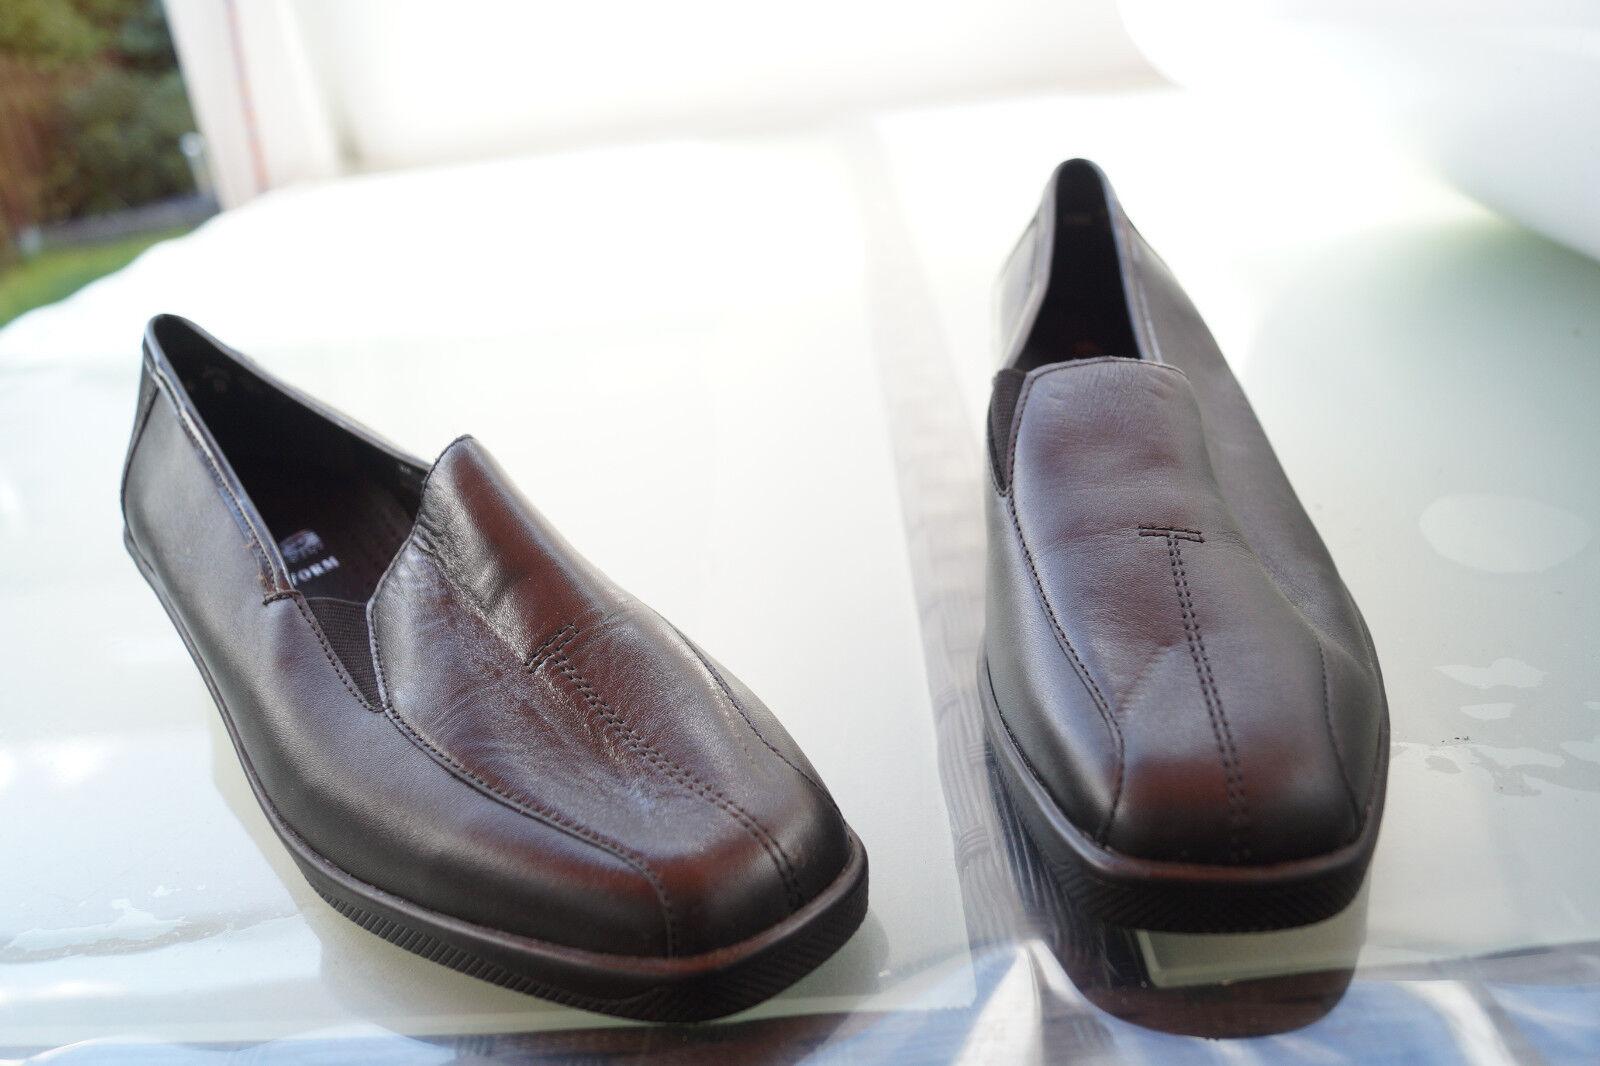 Ara naturaleza forma forma forma señora Comfort zapatos de salón mocasines cuero talla 7 h 41 negro nuevo  precio mas barato